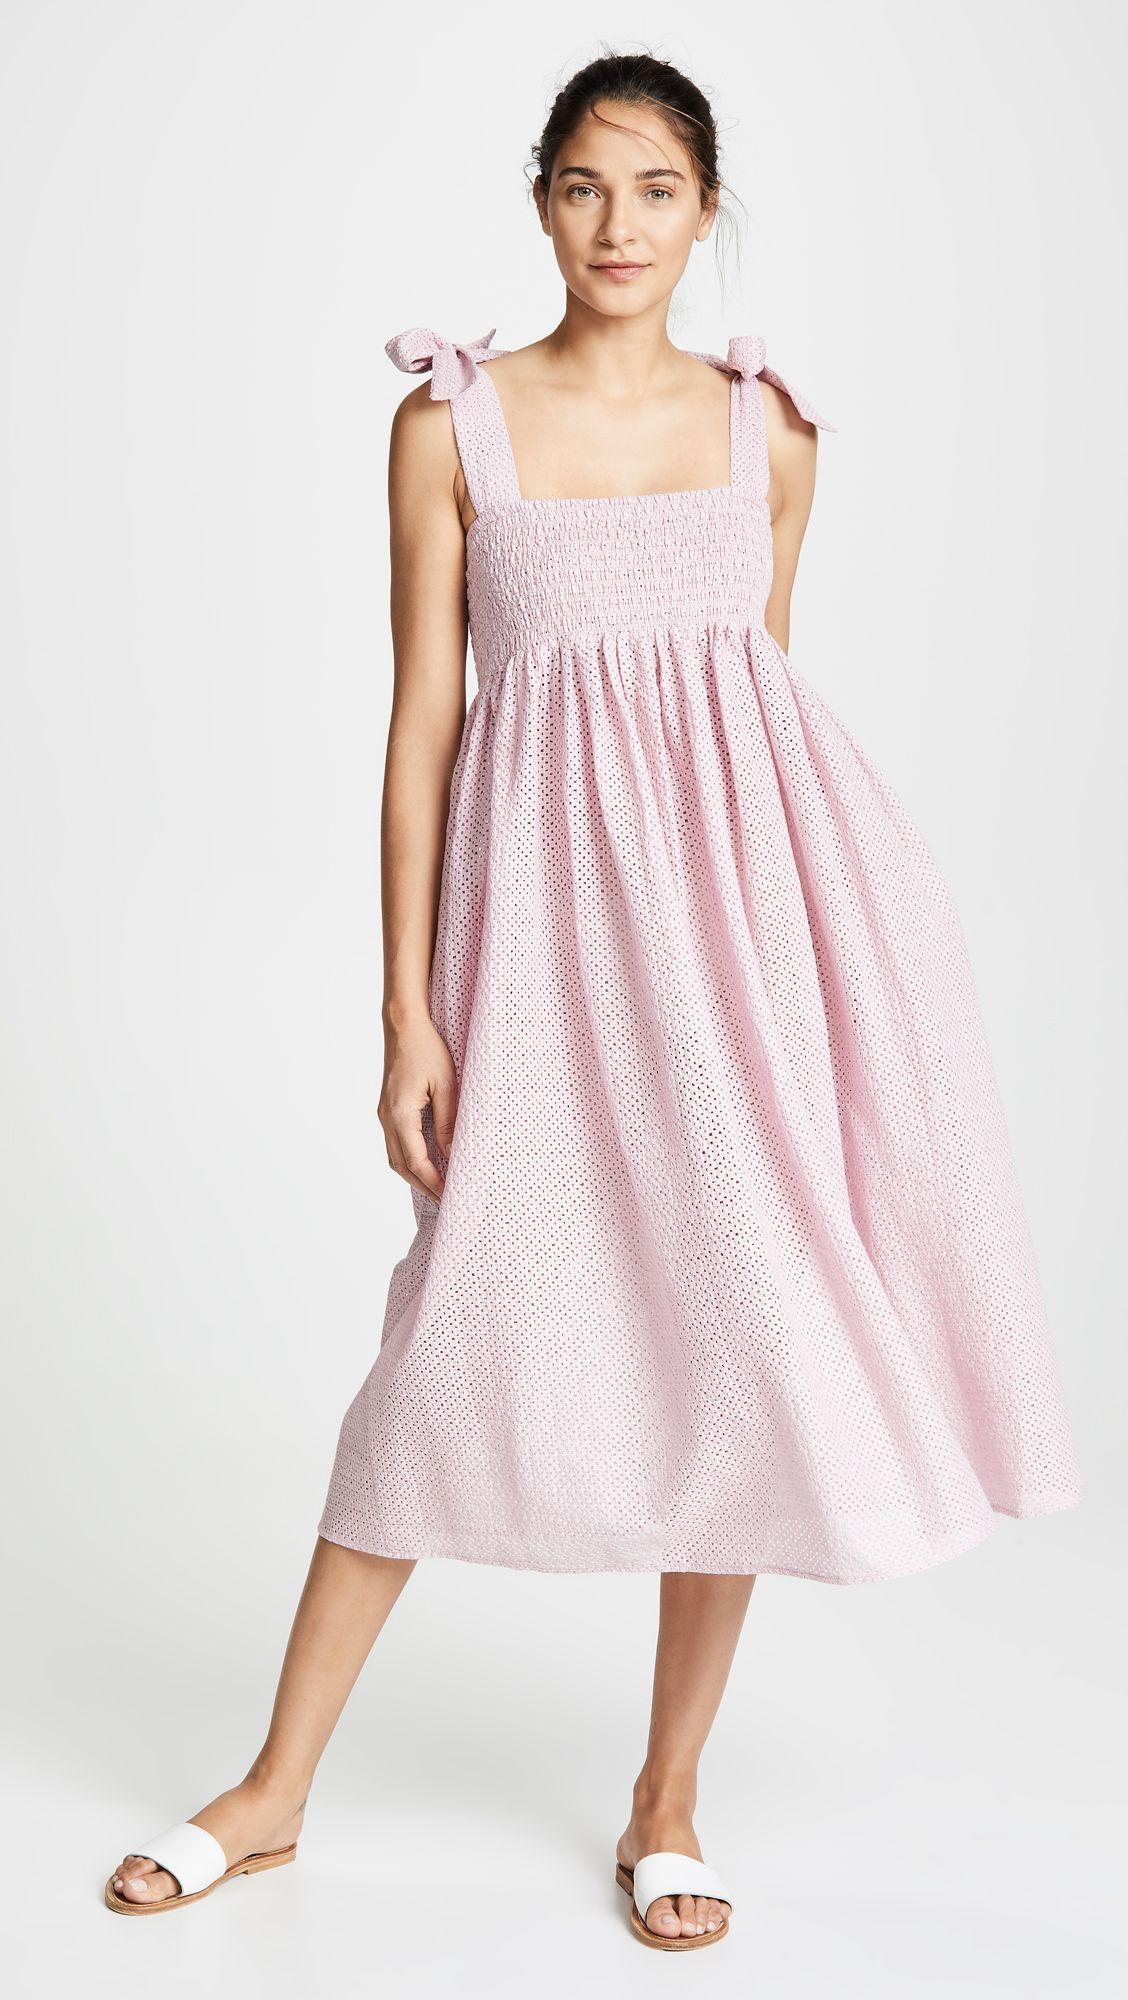 b5fbe42d8f3 Kuna Dress – Beckett Boutique